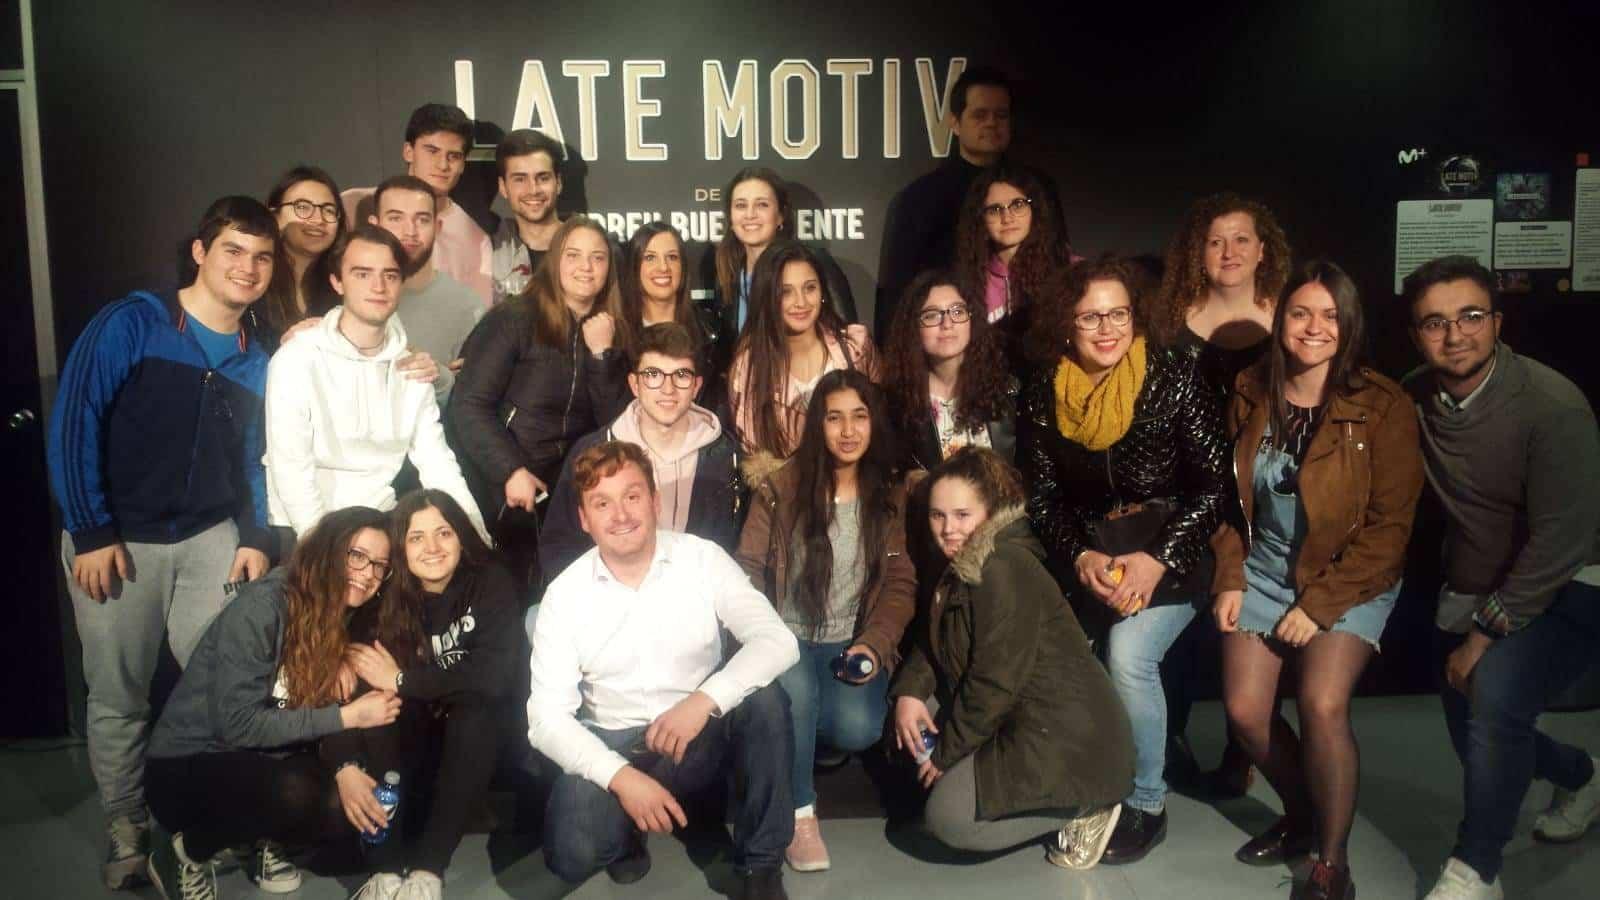 alumnos hermogenez latemotiv buenfuente - Alumnos del Hermógenes visitaron el programa Late Motiv de Buenafuente